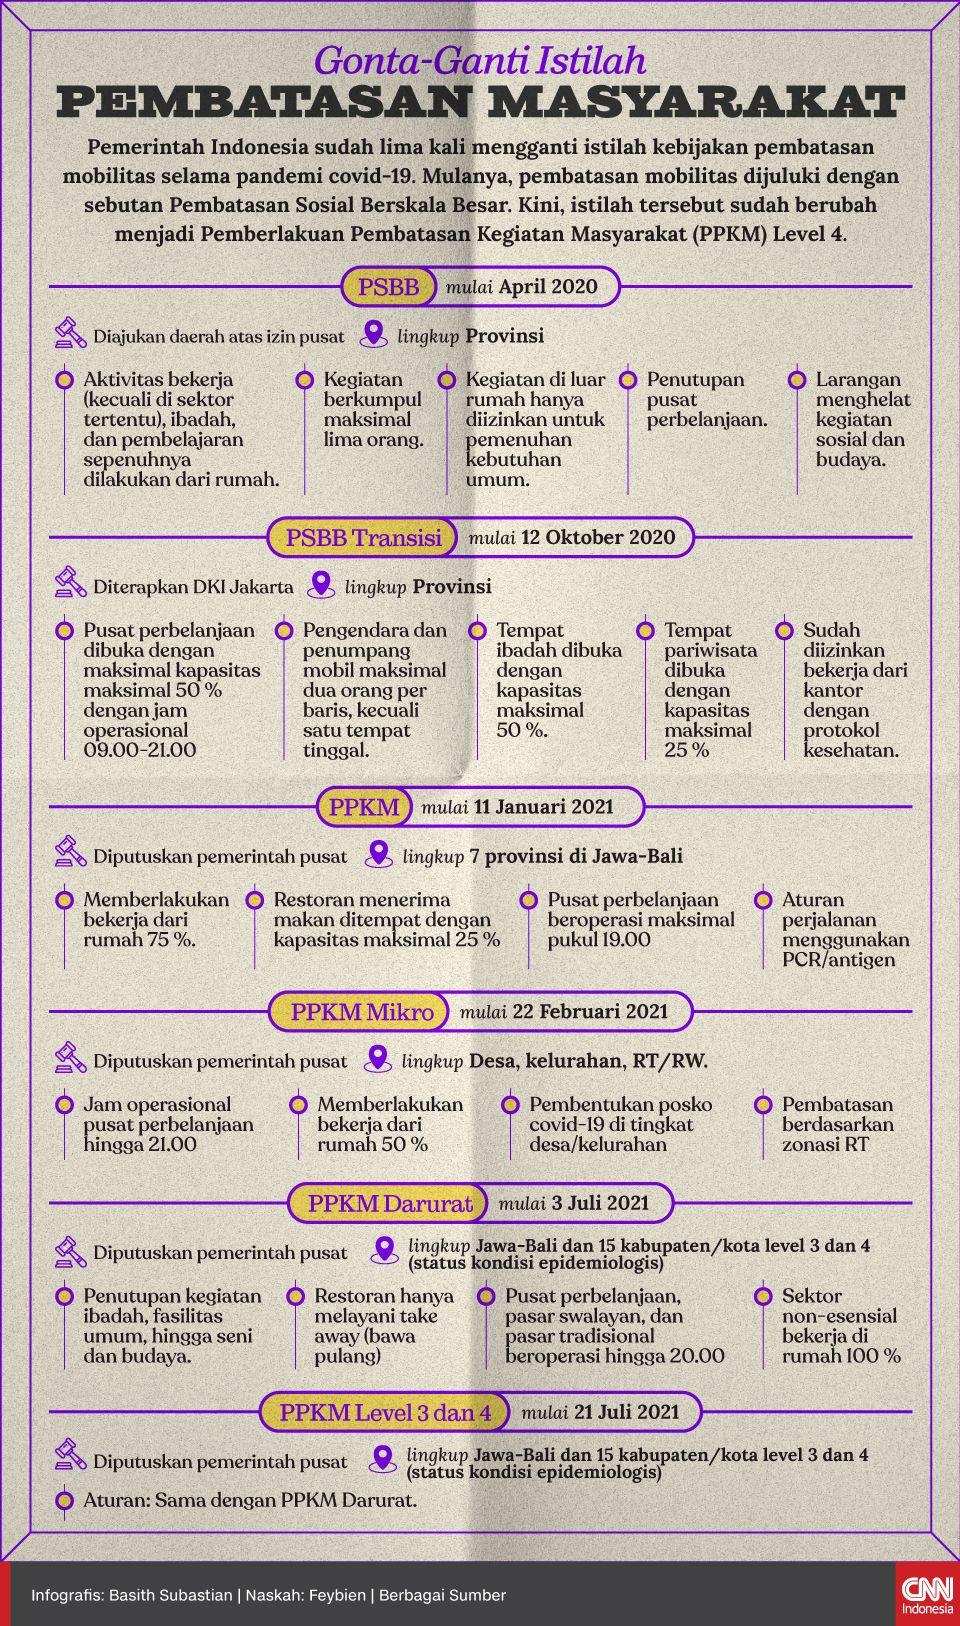 Infografis Gonta-Ganti Istilah Pembatasan Masyarakat rev